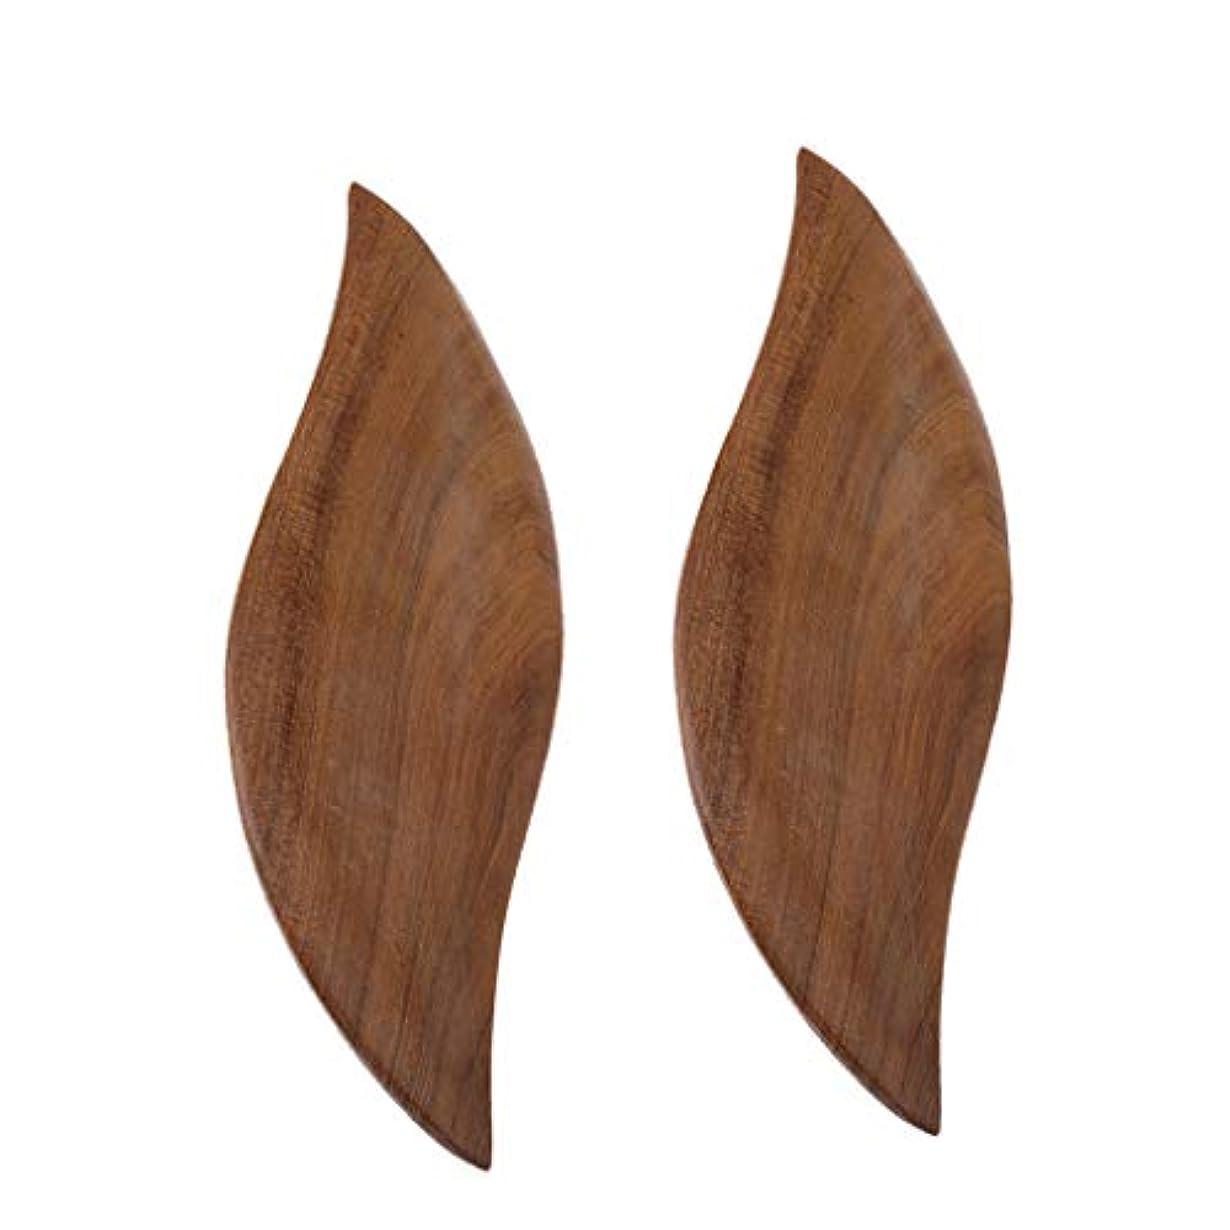 資本主義貧しい血2枚 かっさプレート 木製 ボード ボディーケア 葉の形 便利